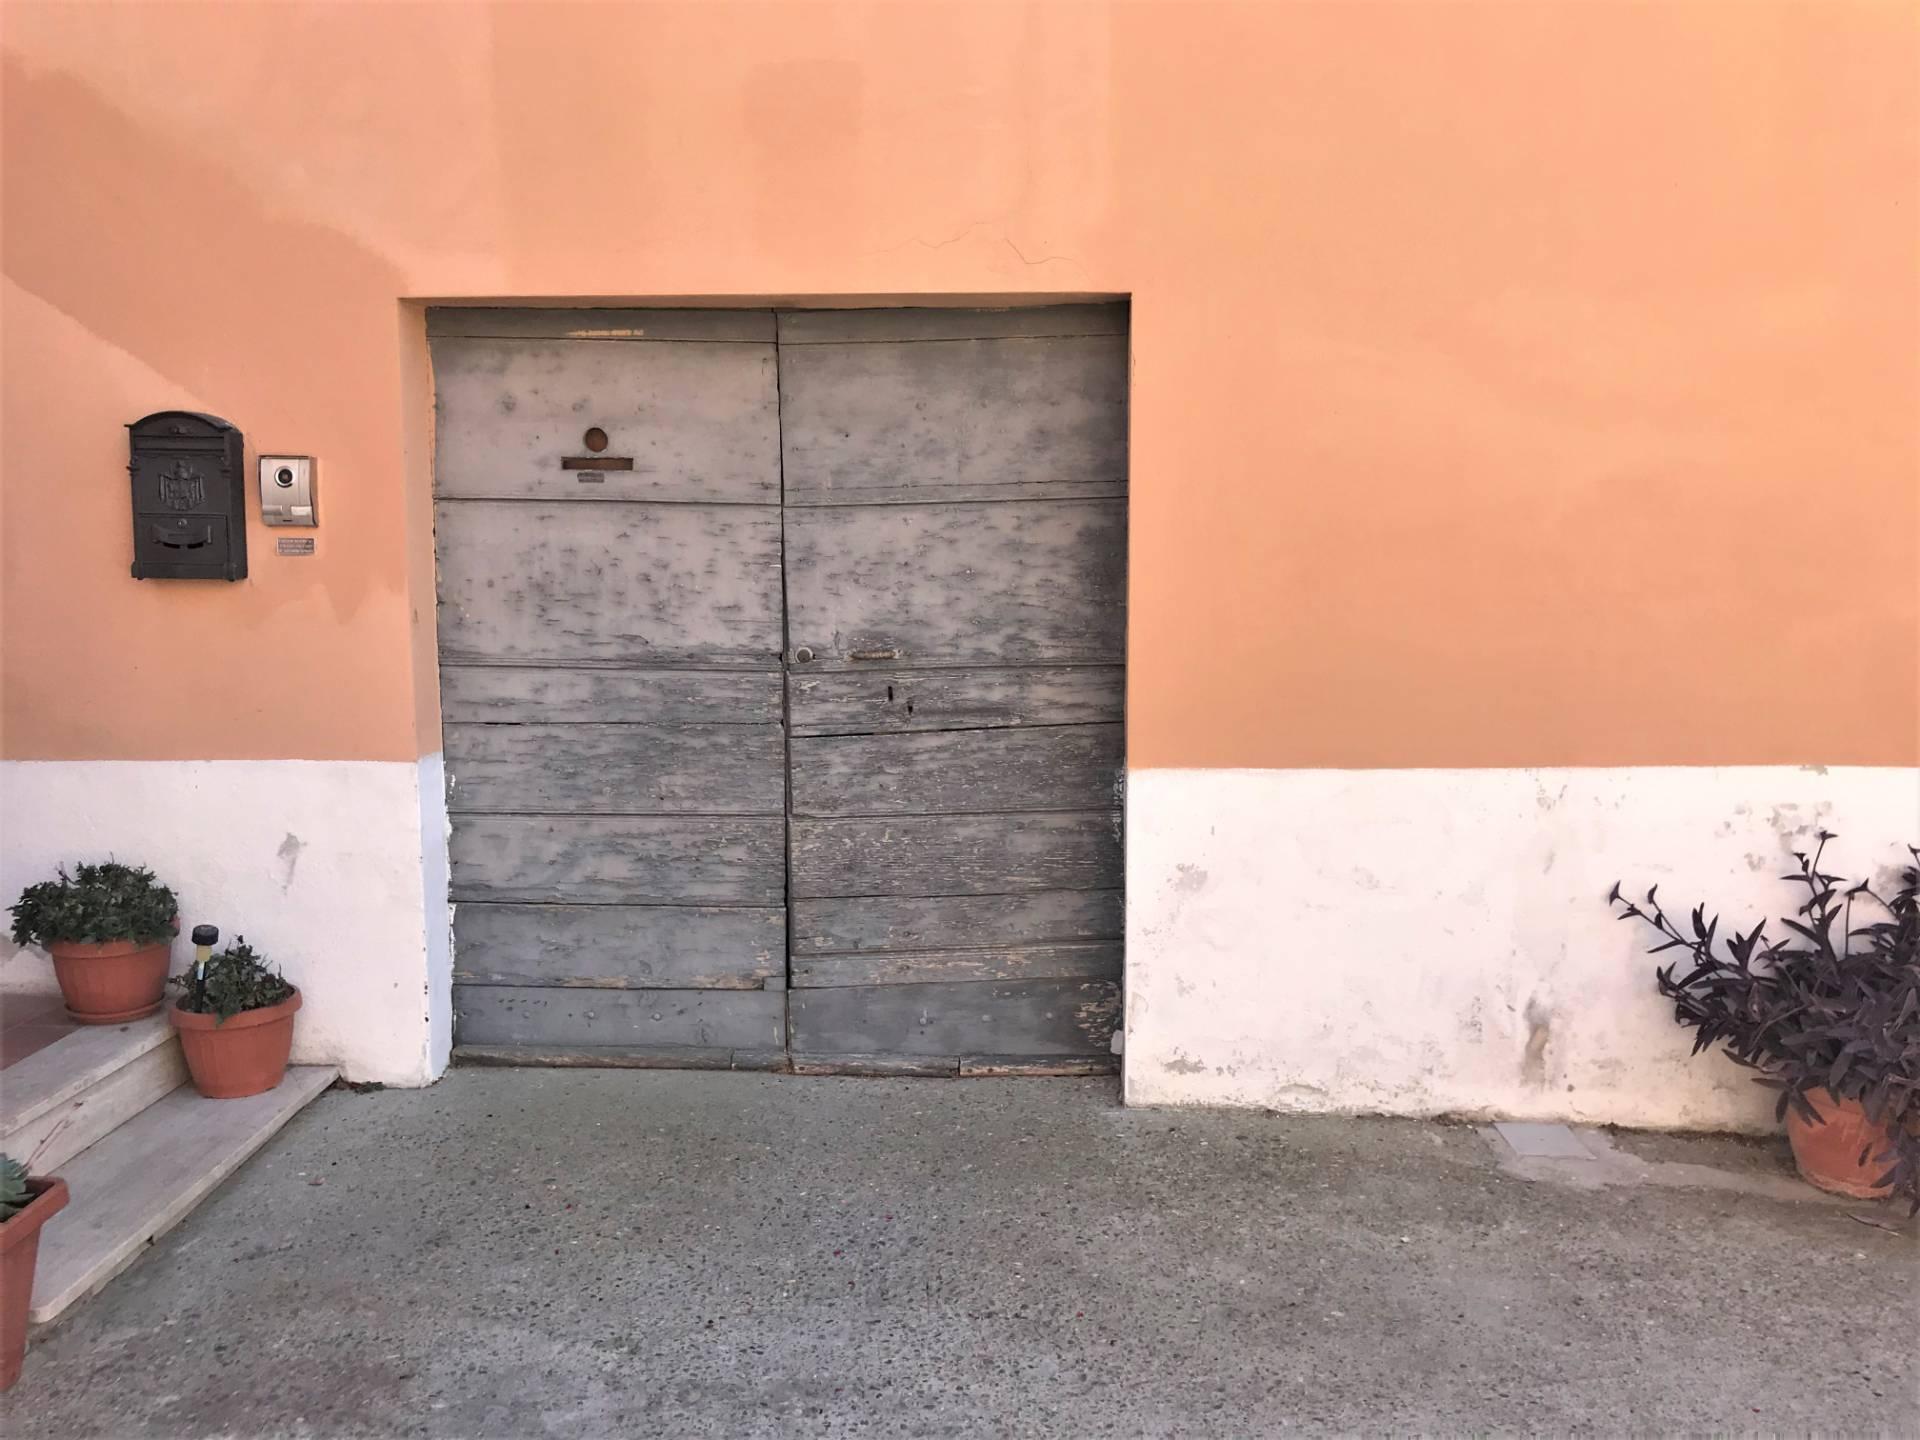 Magazzino in vendita a Tarquinia, 1 locali, zona Località: Clementina, prezzo € 30.000 | CambioCasa.it